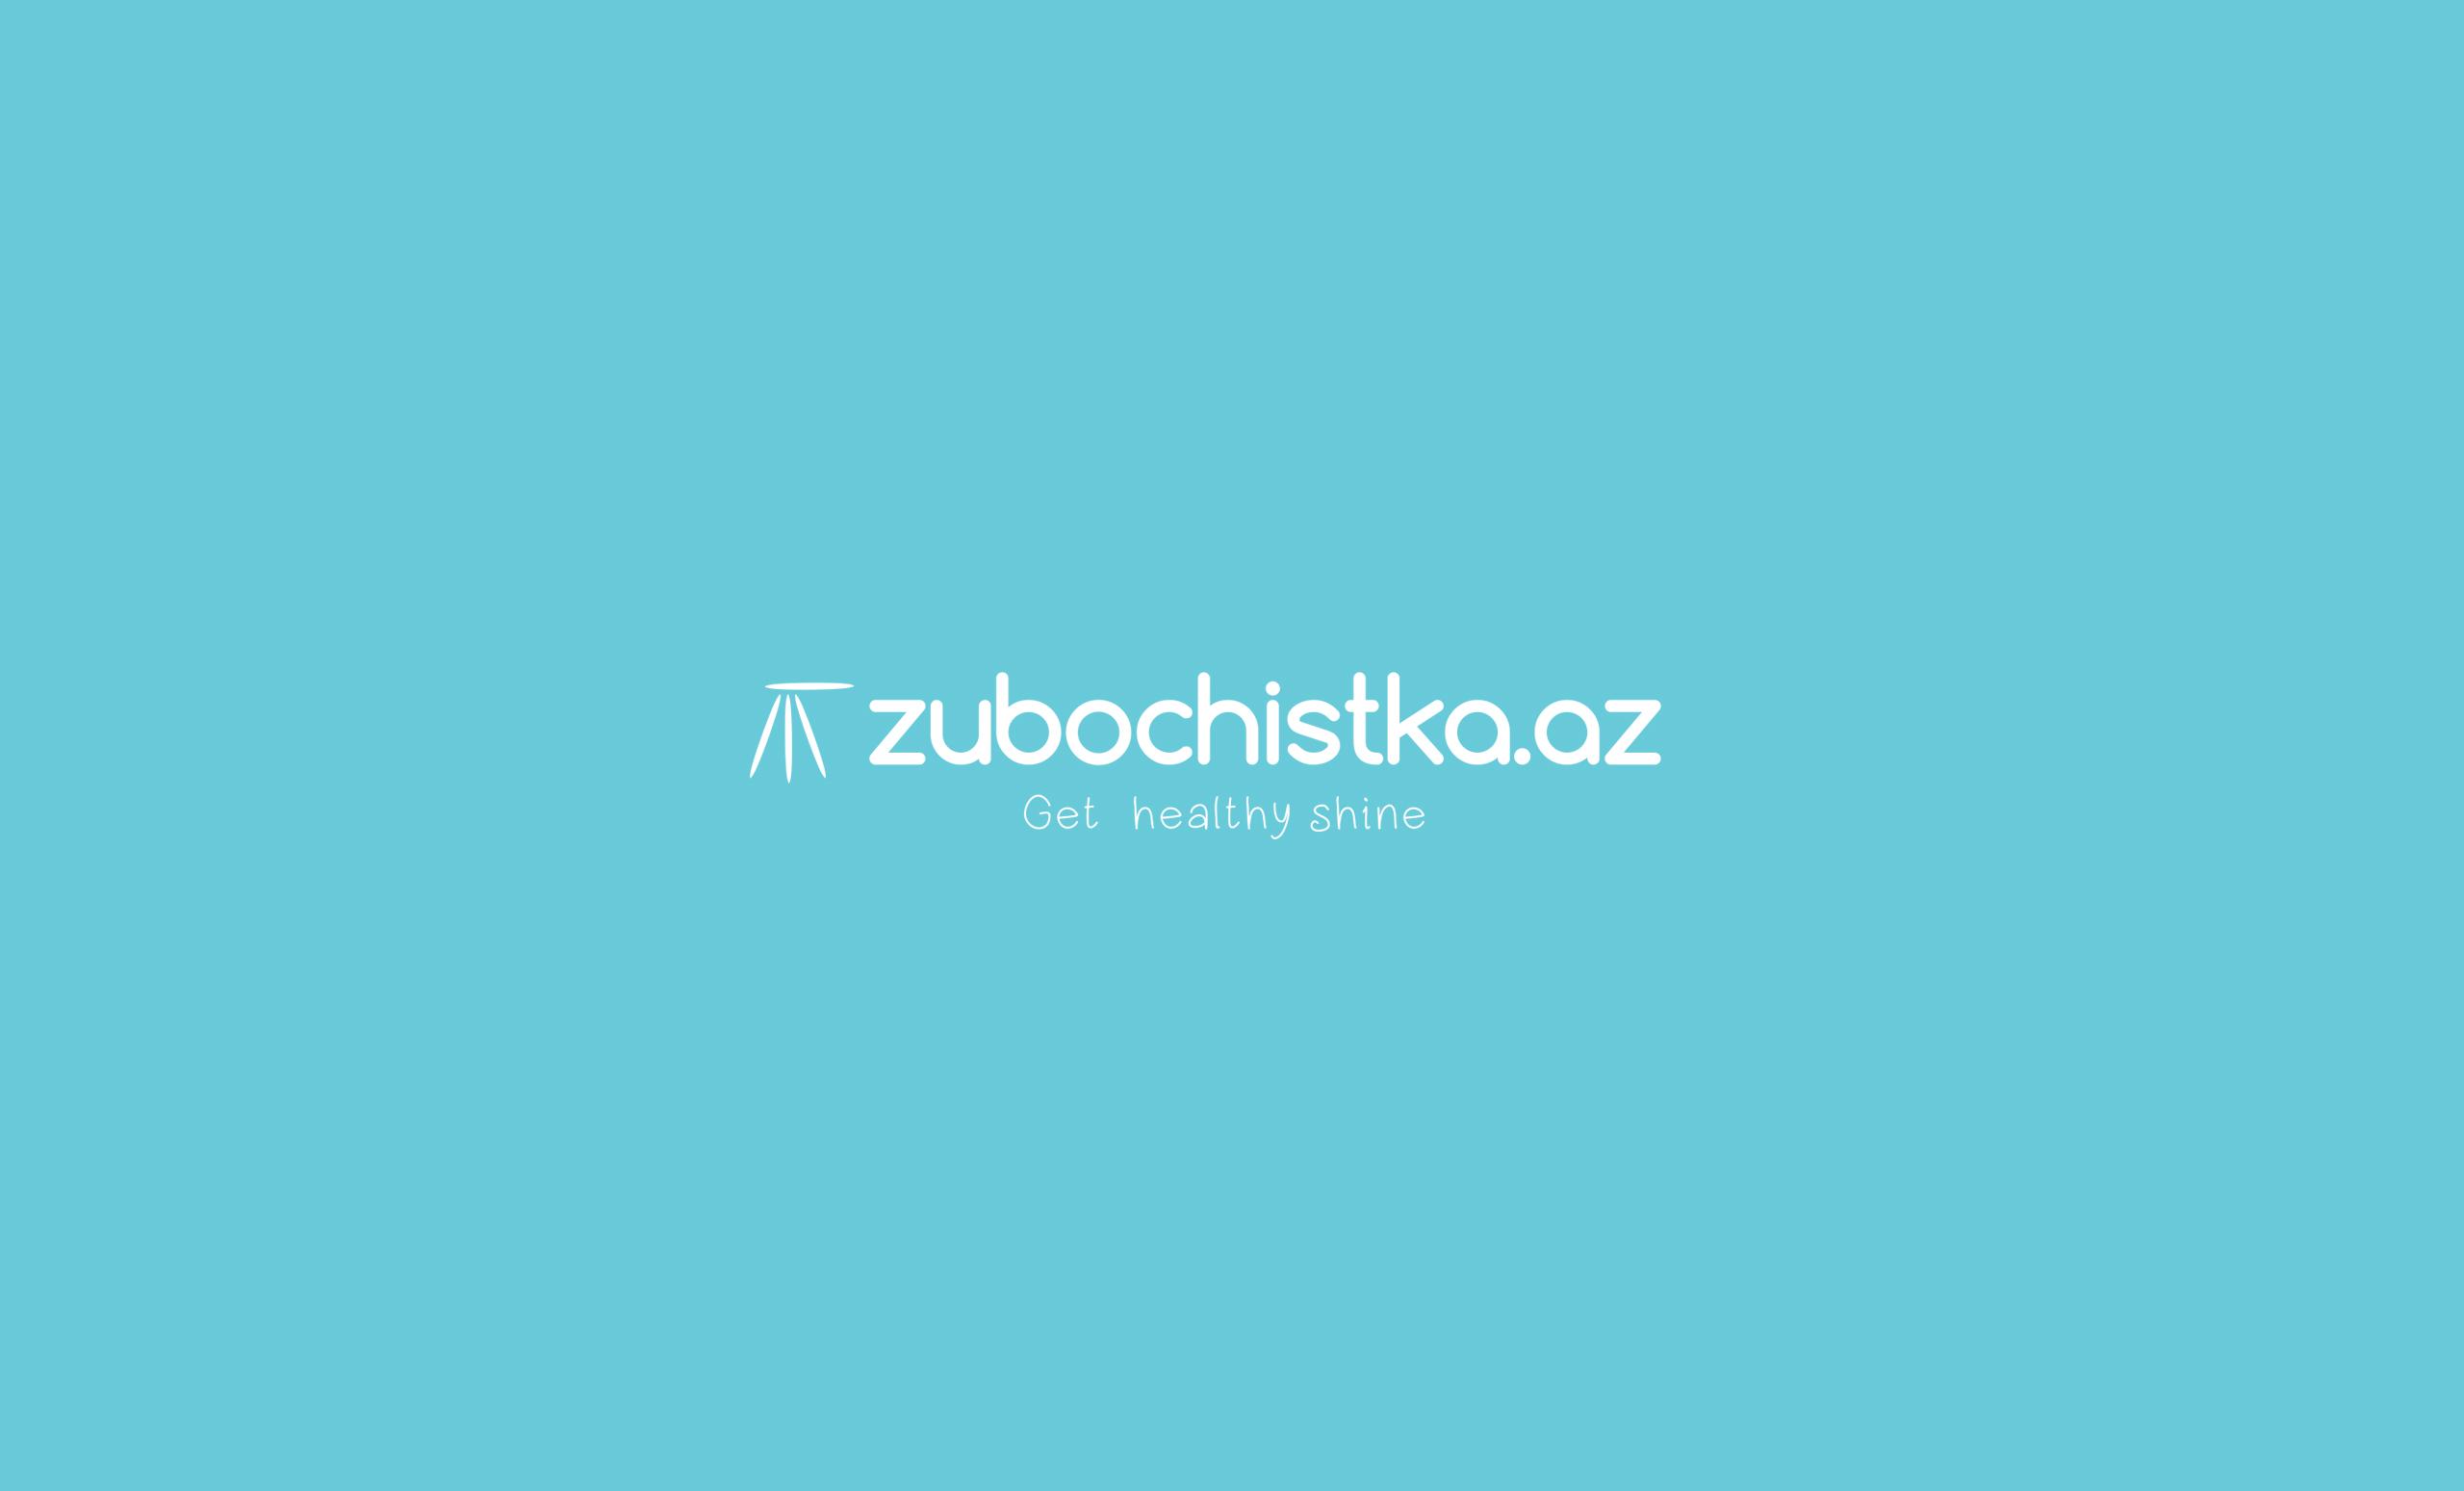 002zub